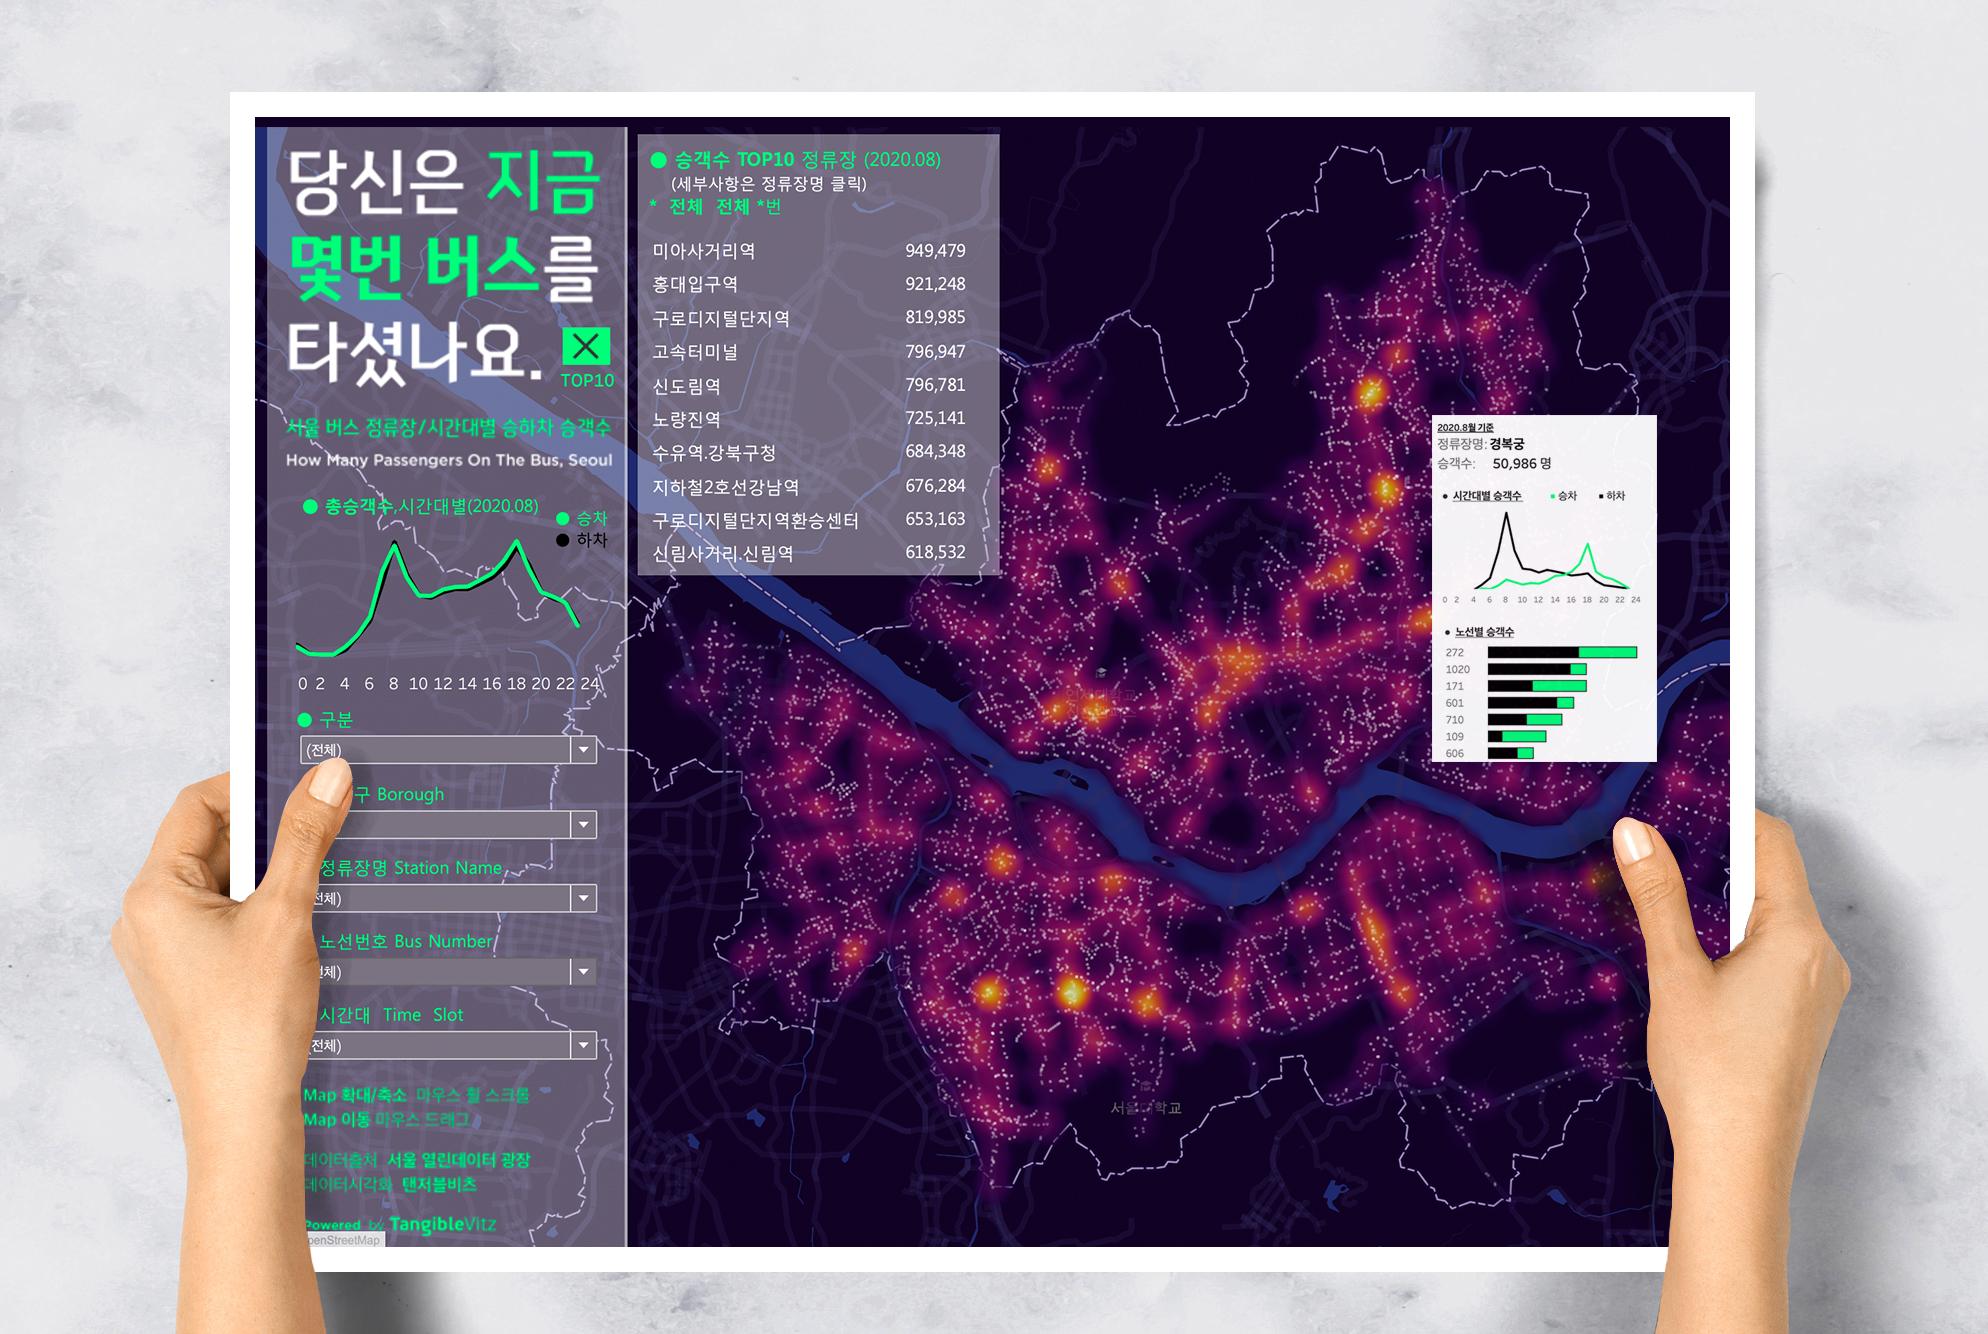 서울 버스정류장 승하차 승객 데이터시각화 by 탠저블비츠